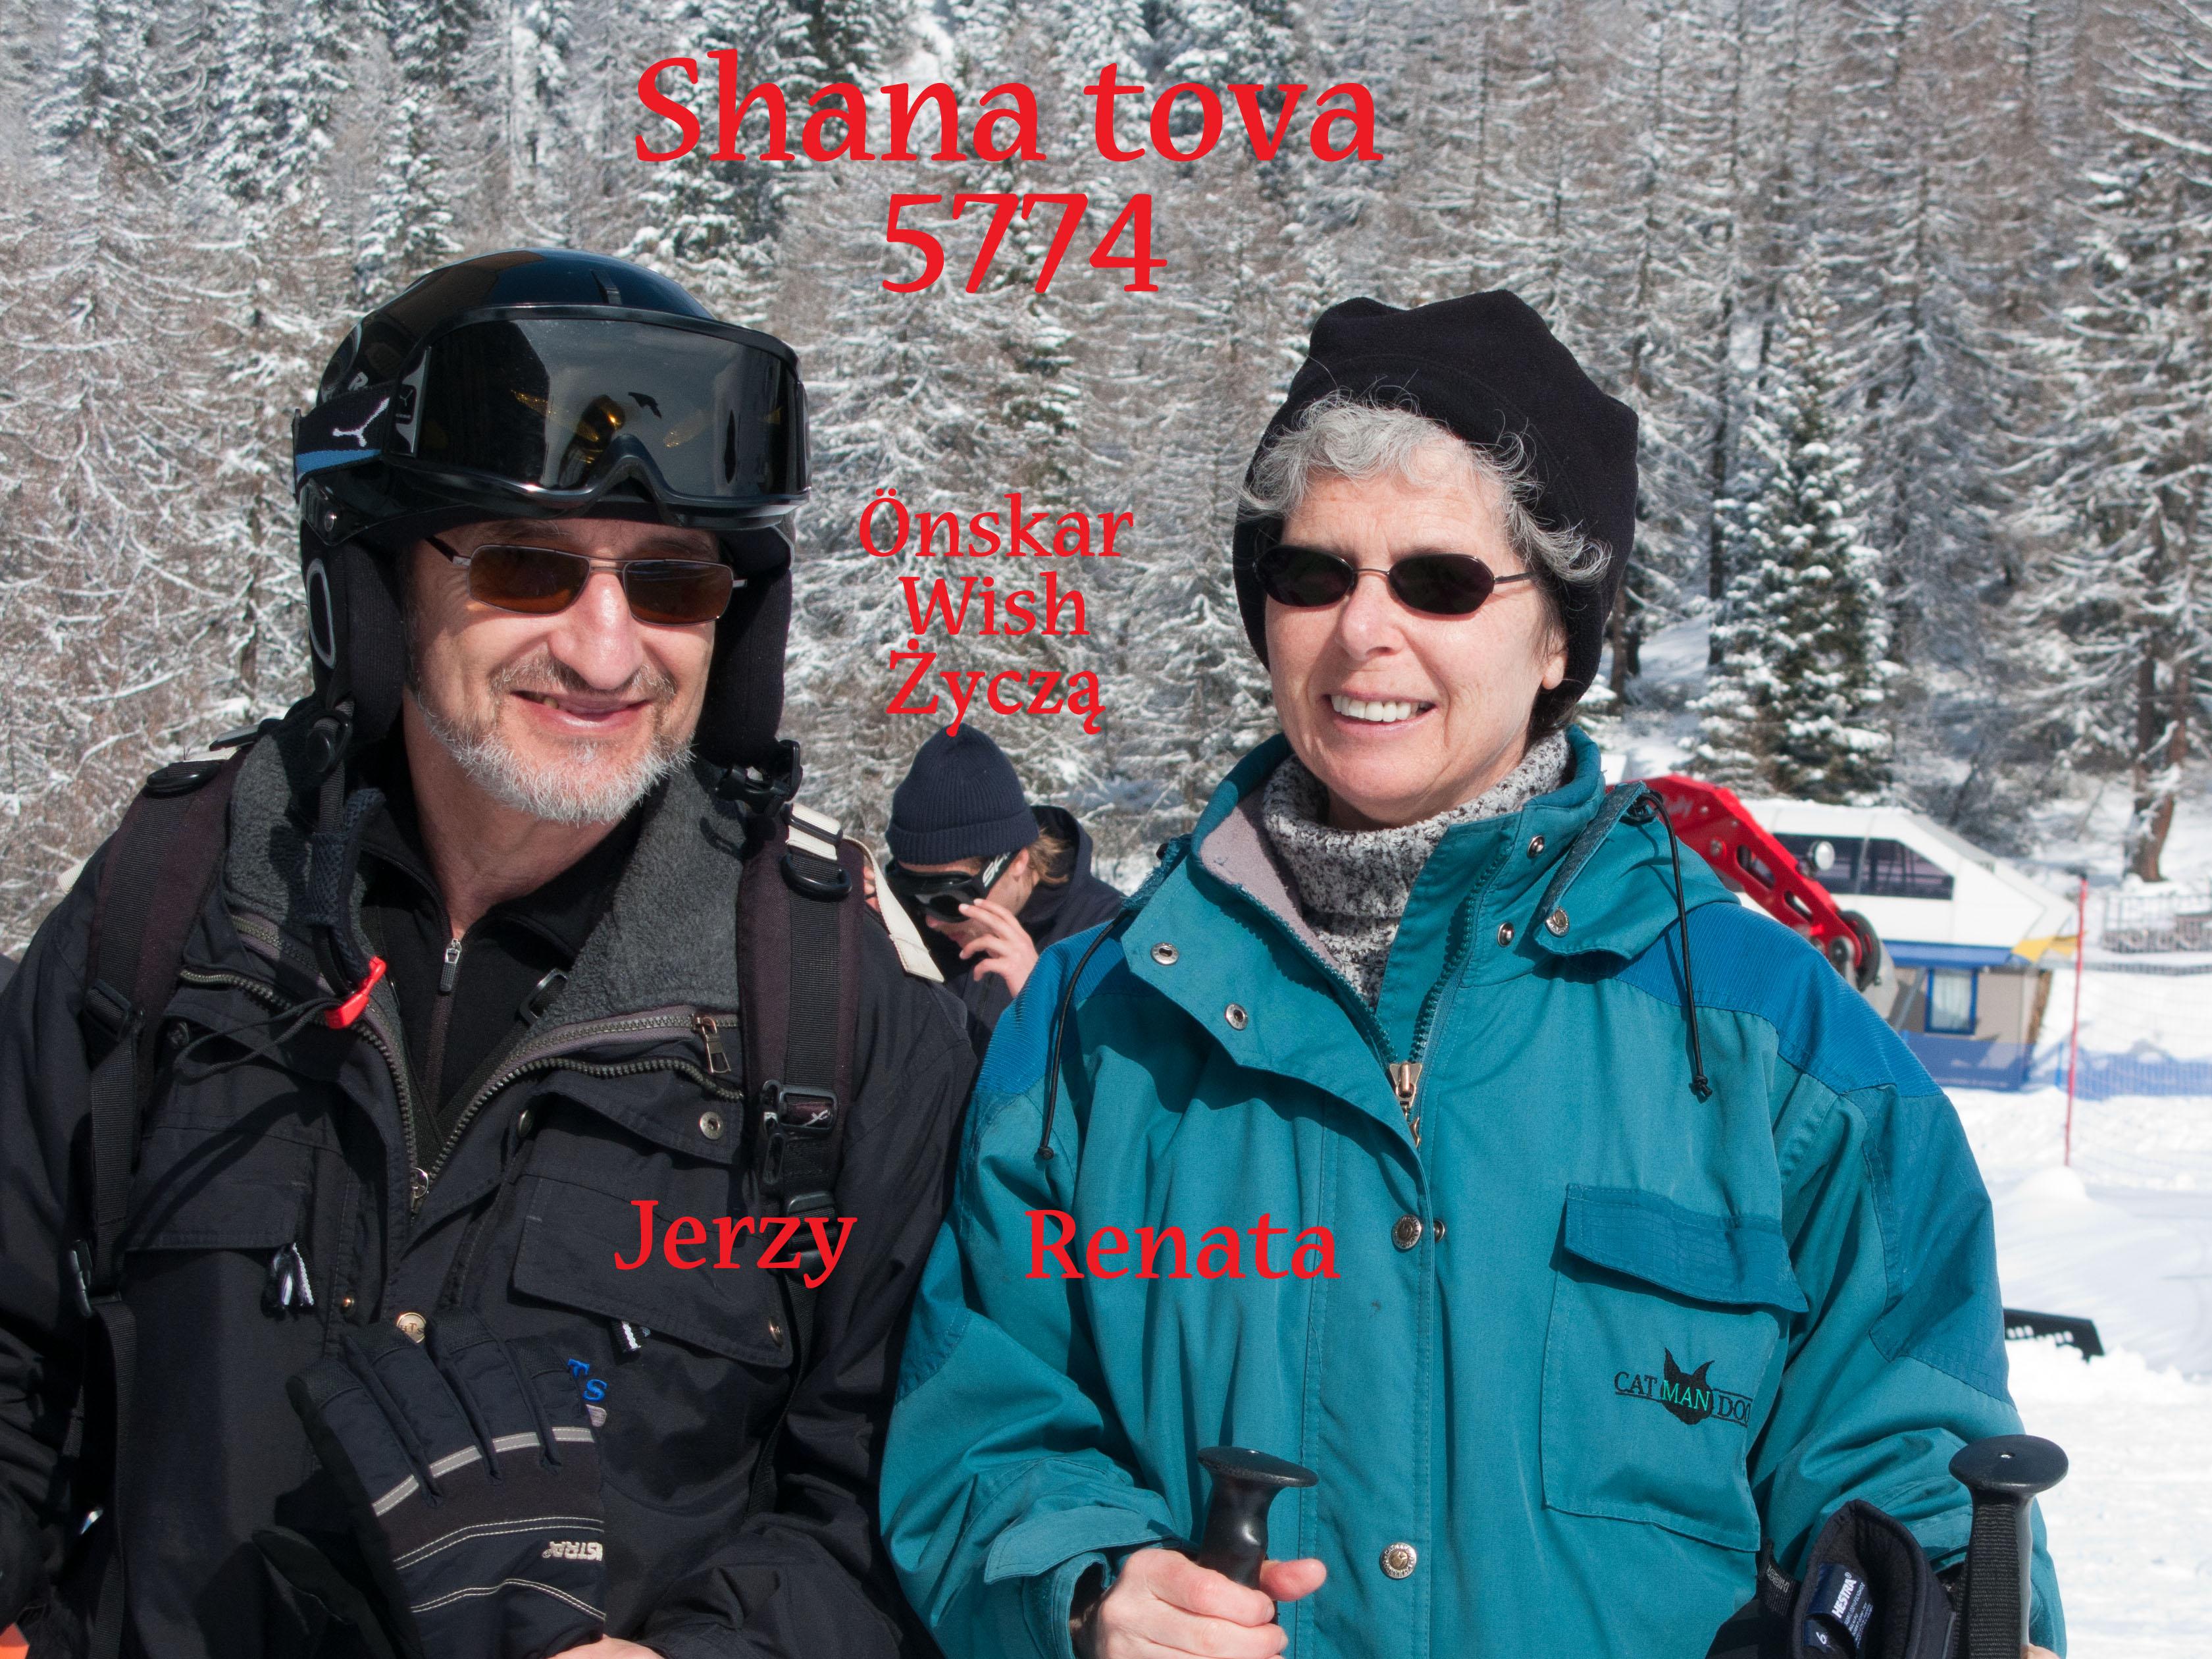 ShanaTova 5774